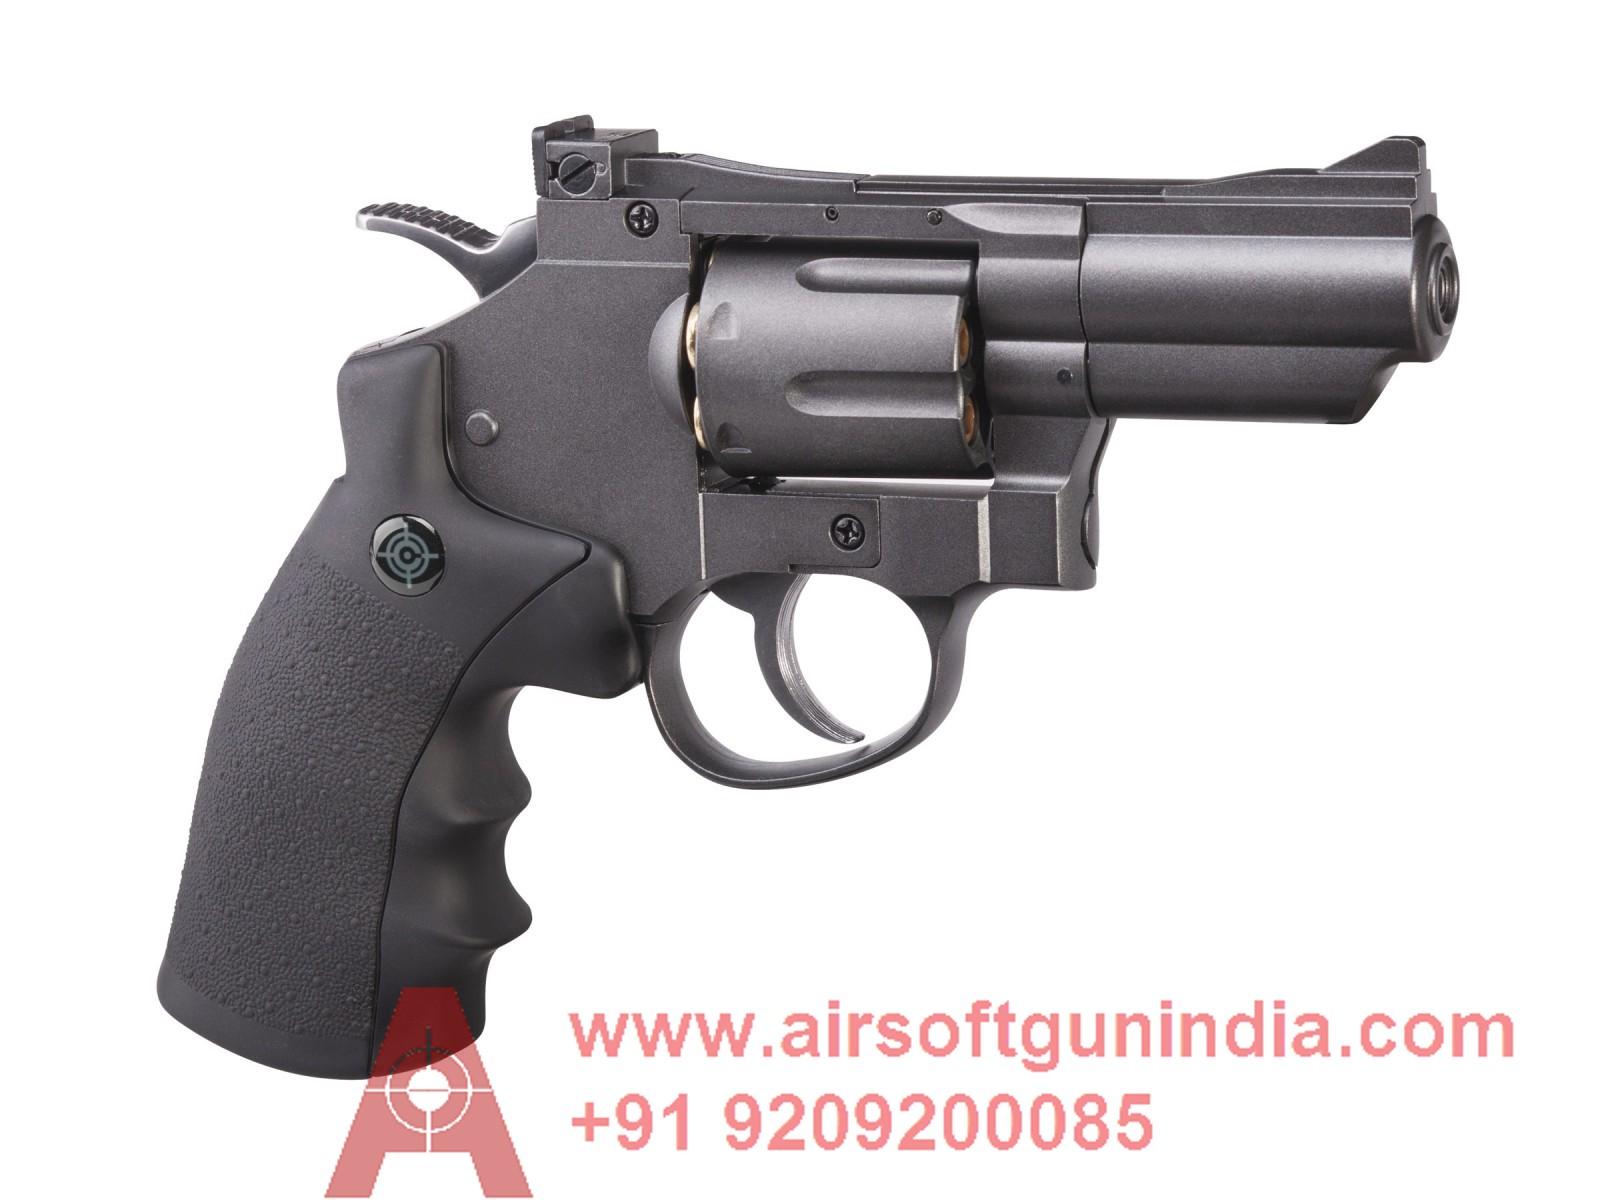 Crosman SNR357 CO2 Dual Ammo Full Metal Revolver By Airsoft Gun India